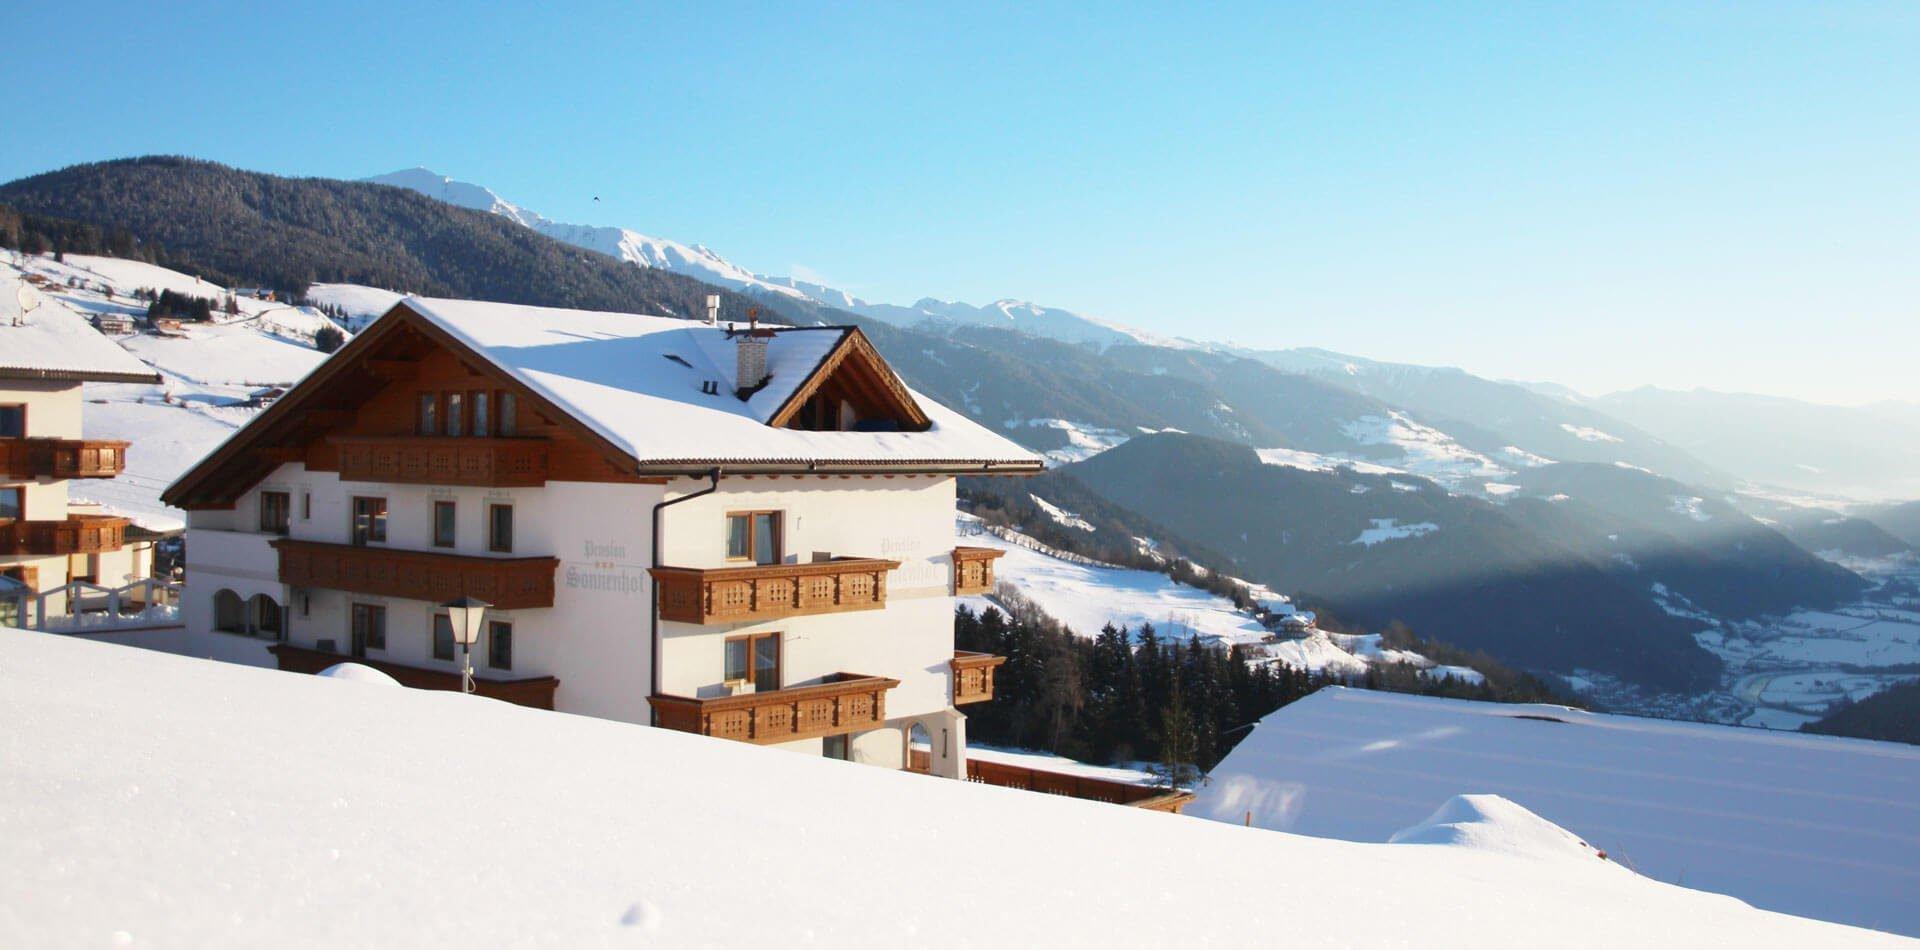 pension-sonnenhof-meransen-winter